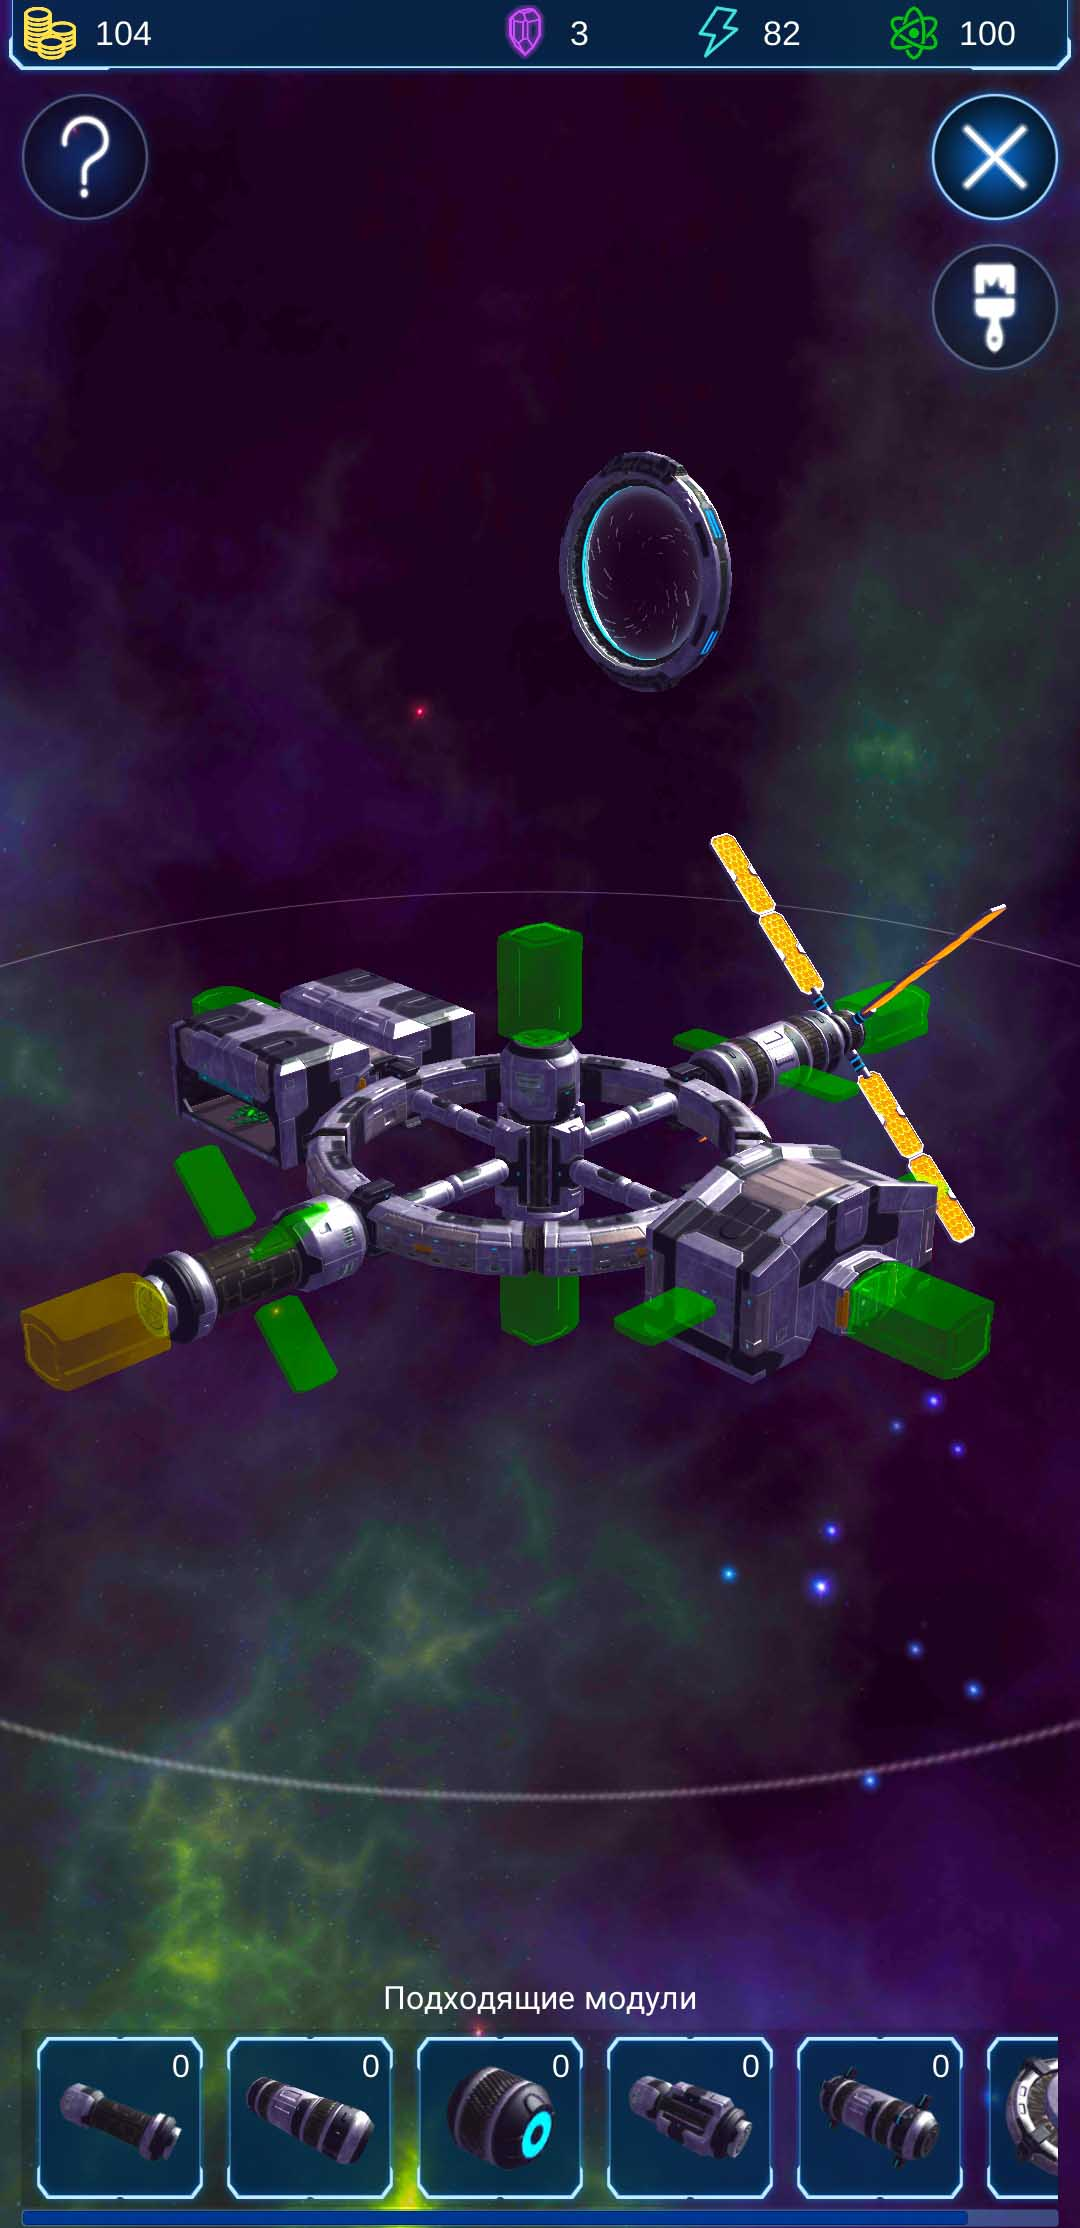 Space miner 2 | Space miner добываем ресурсы из астероидов и строим космическую станцию